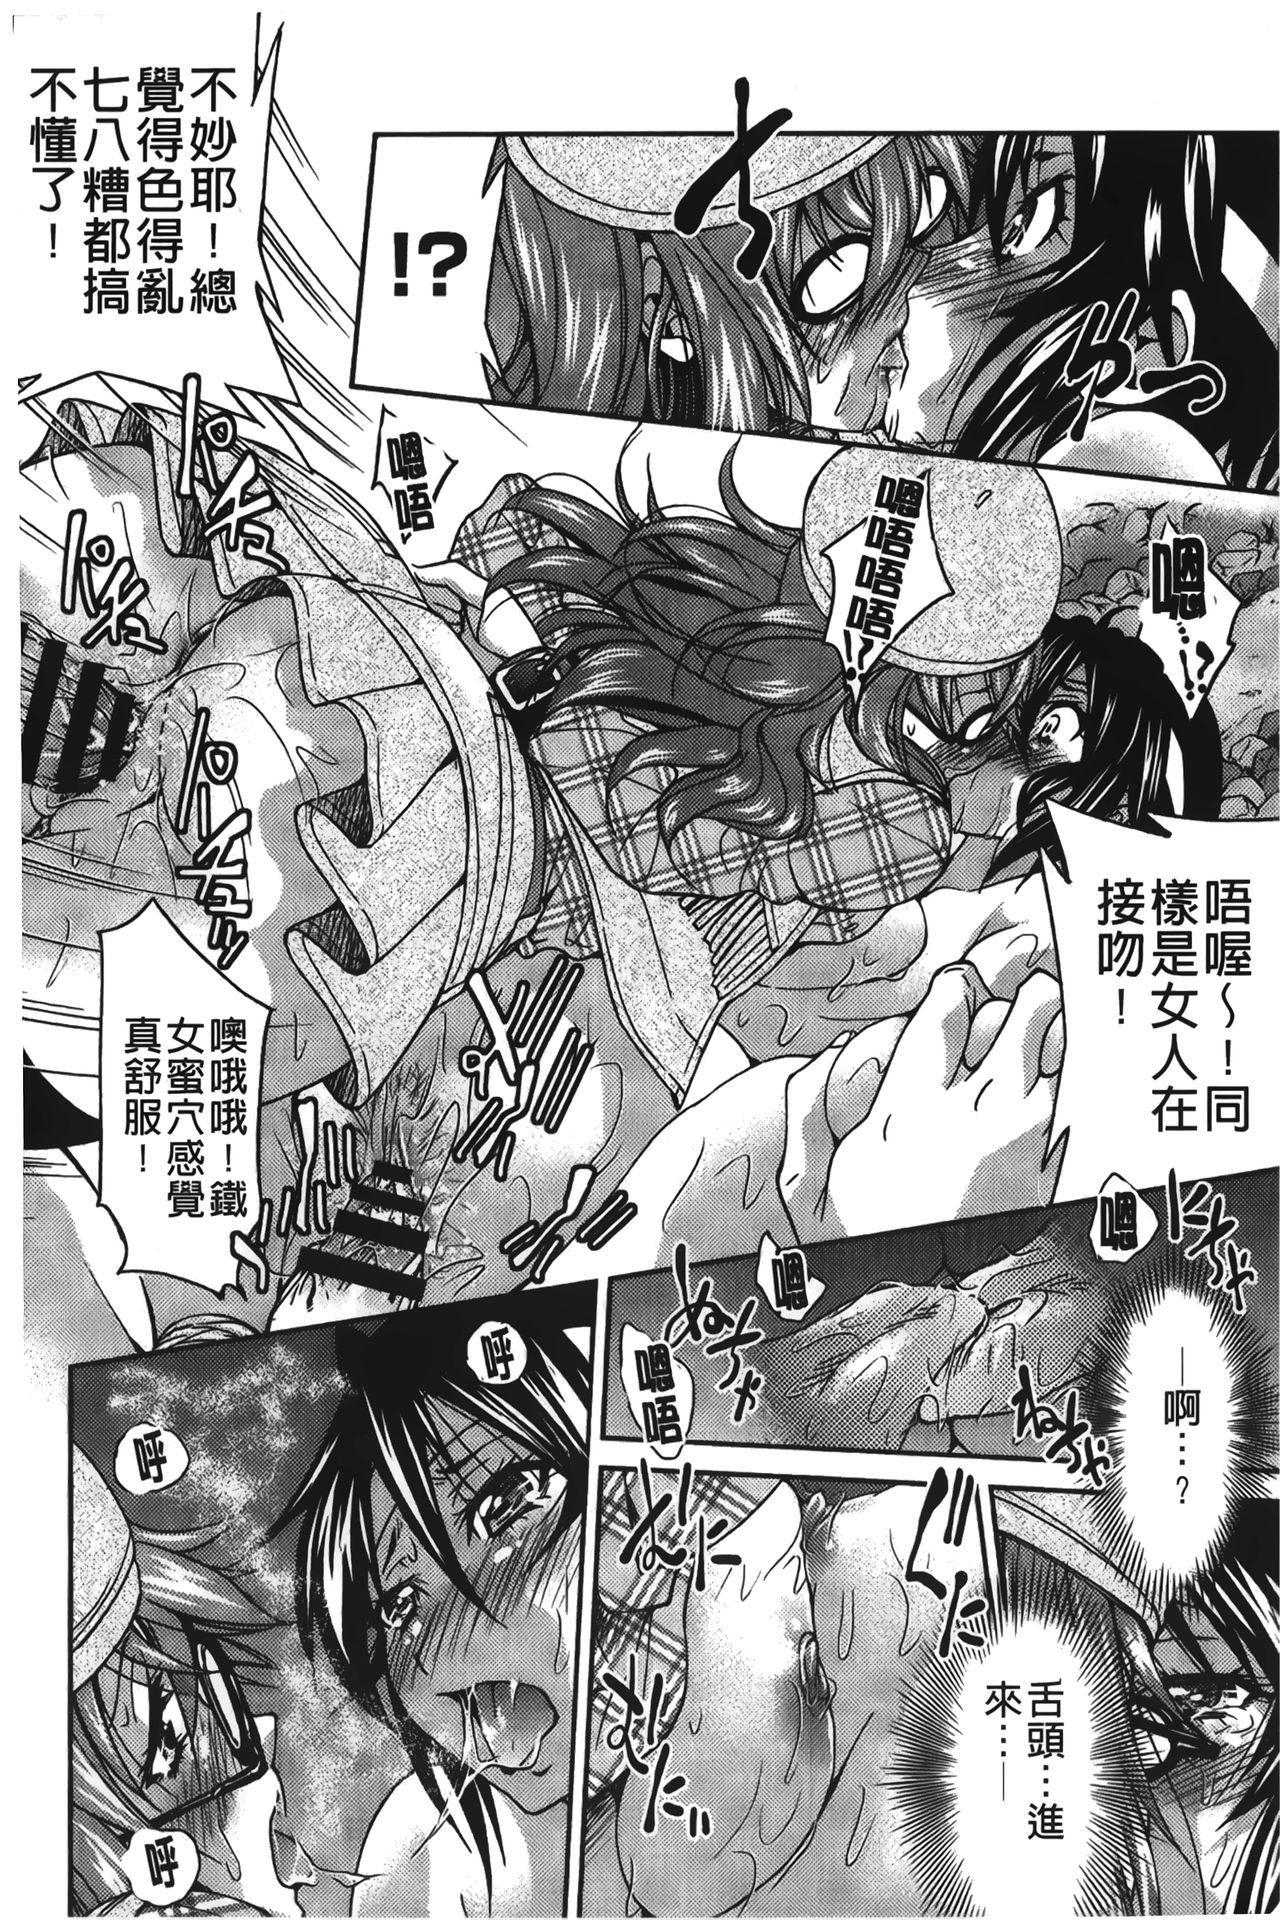 JYOSHI-TETSU 62